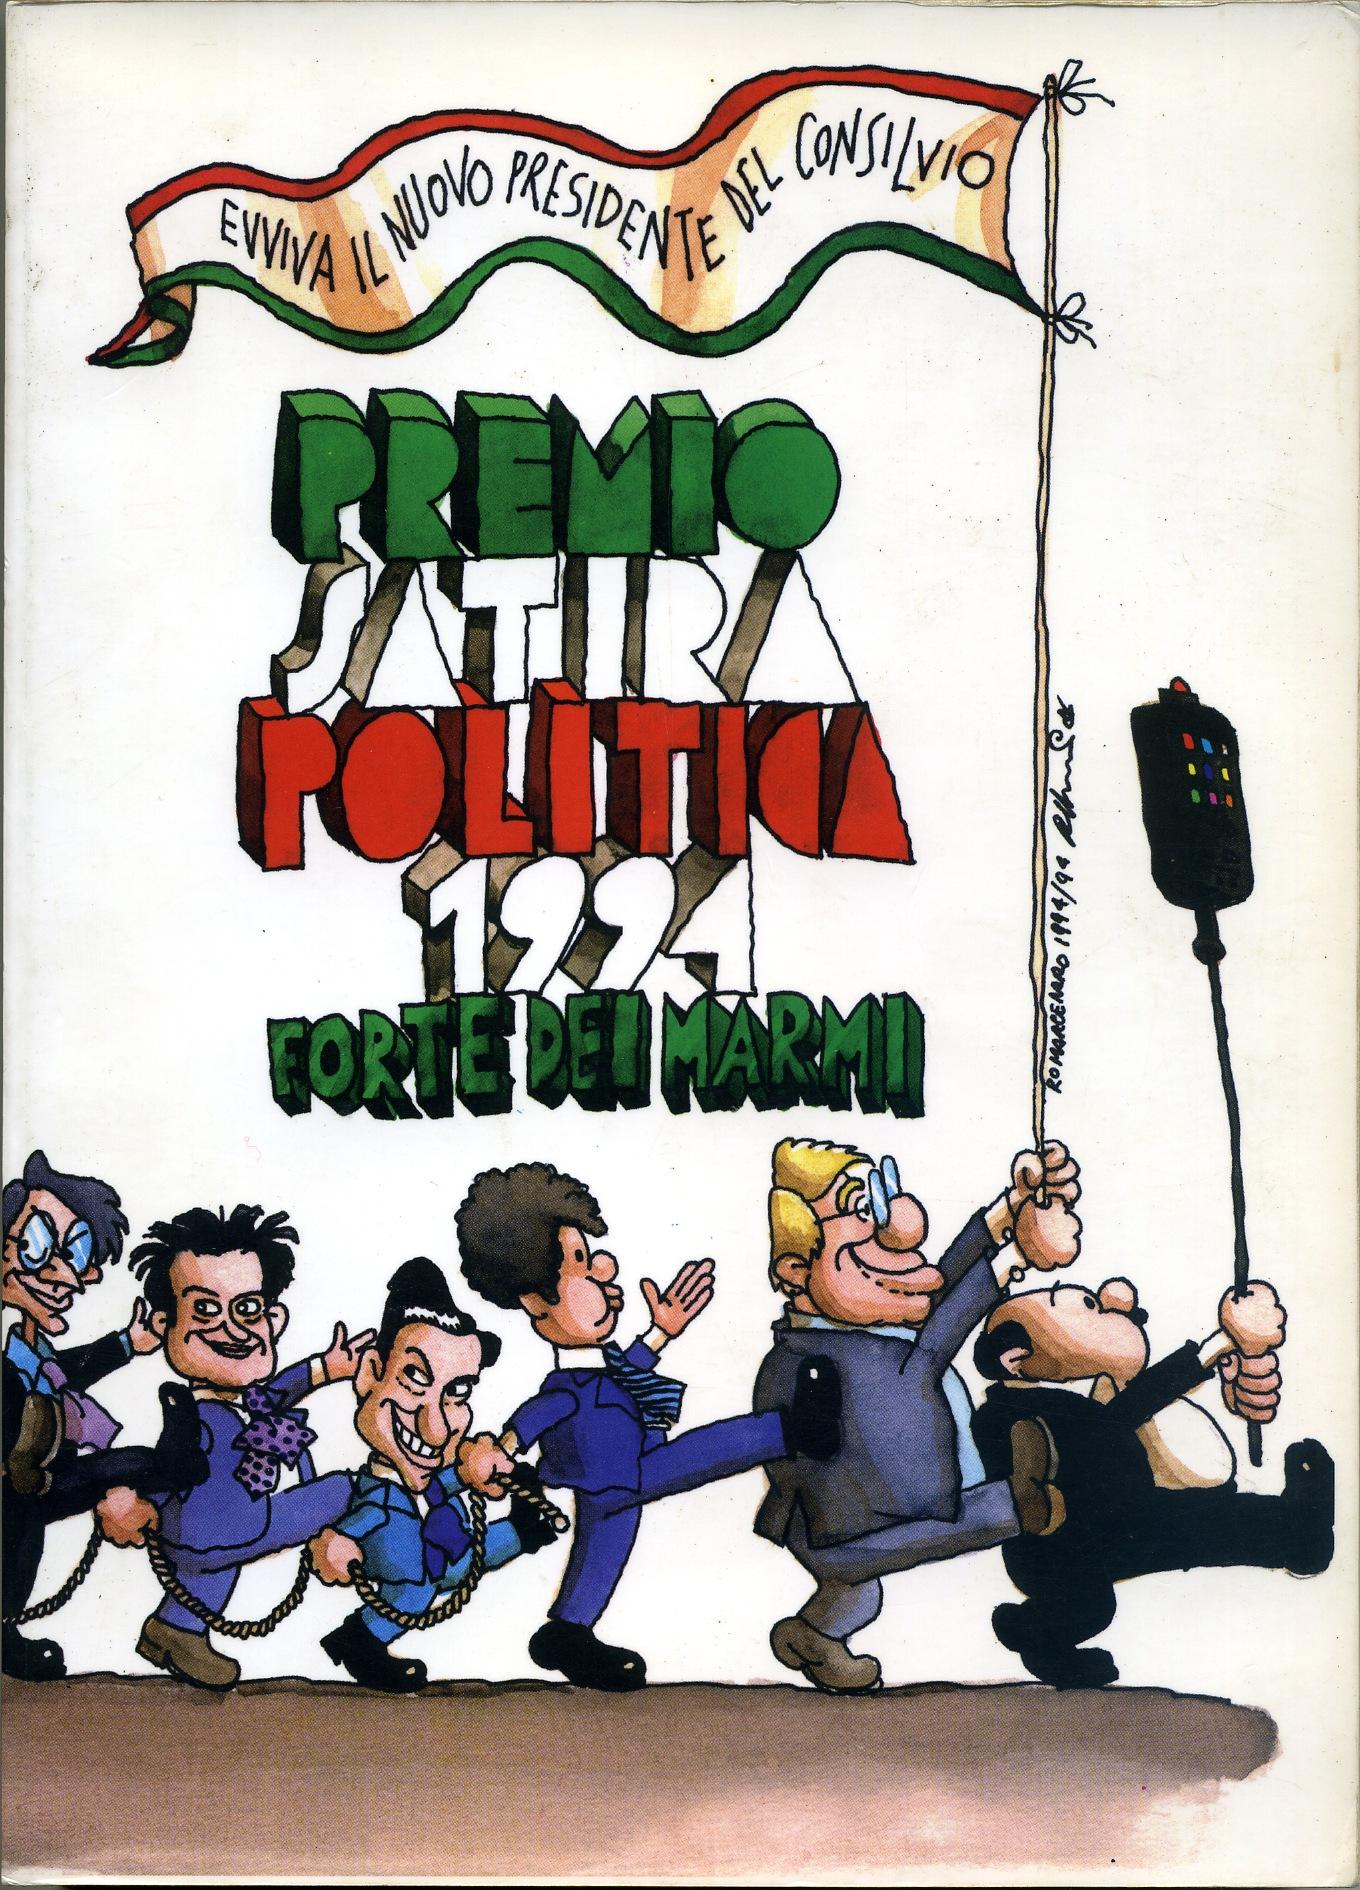 Premio satira politica 1994 - Forte dei Marmi